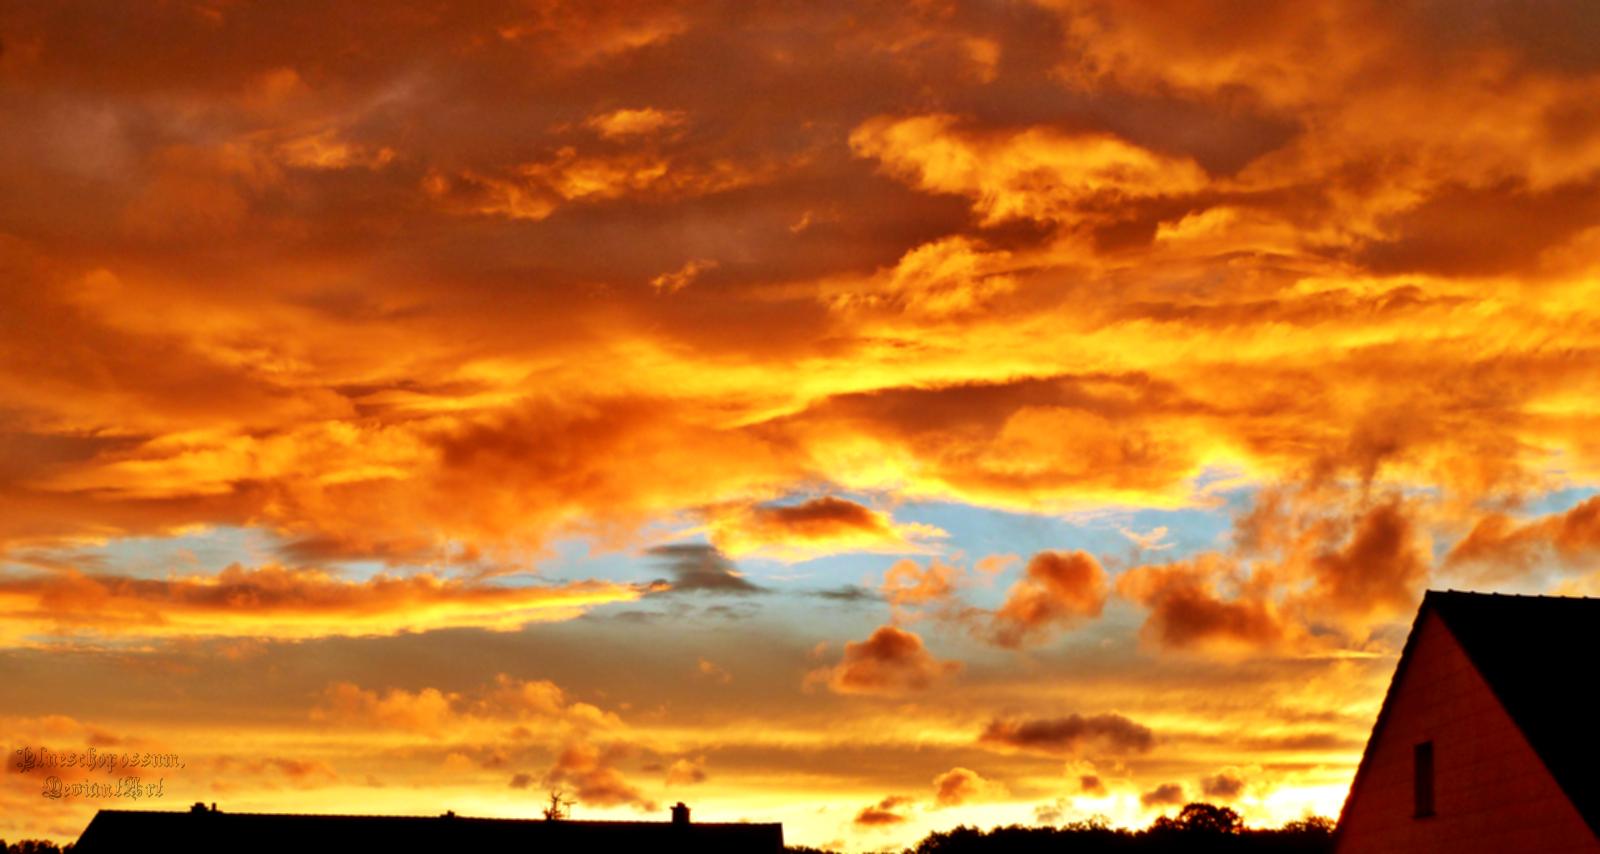 Good Wallpaper Fire Gold - clouds_of_fire_and_gold_by_plueschopossum-d5g4hpt  2018_403310 .jpg